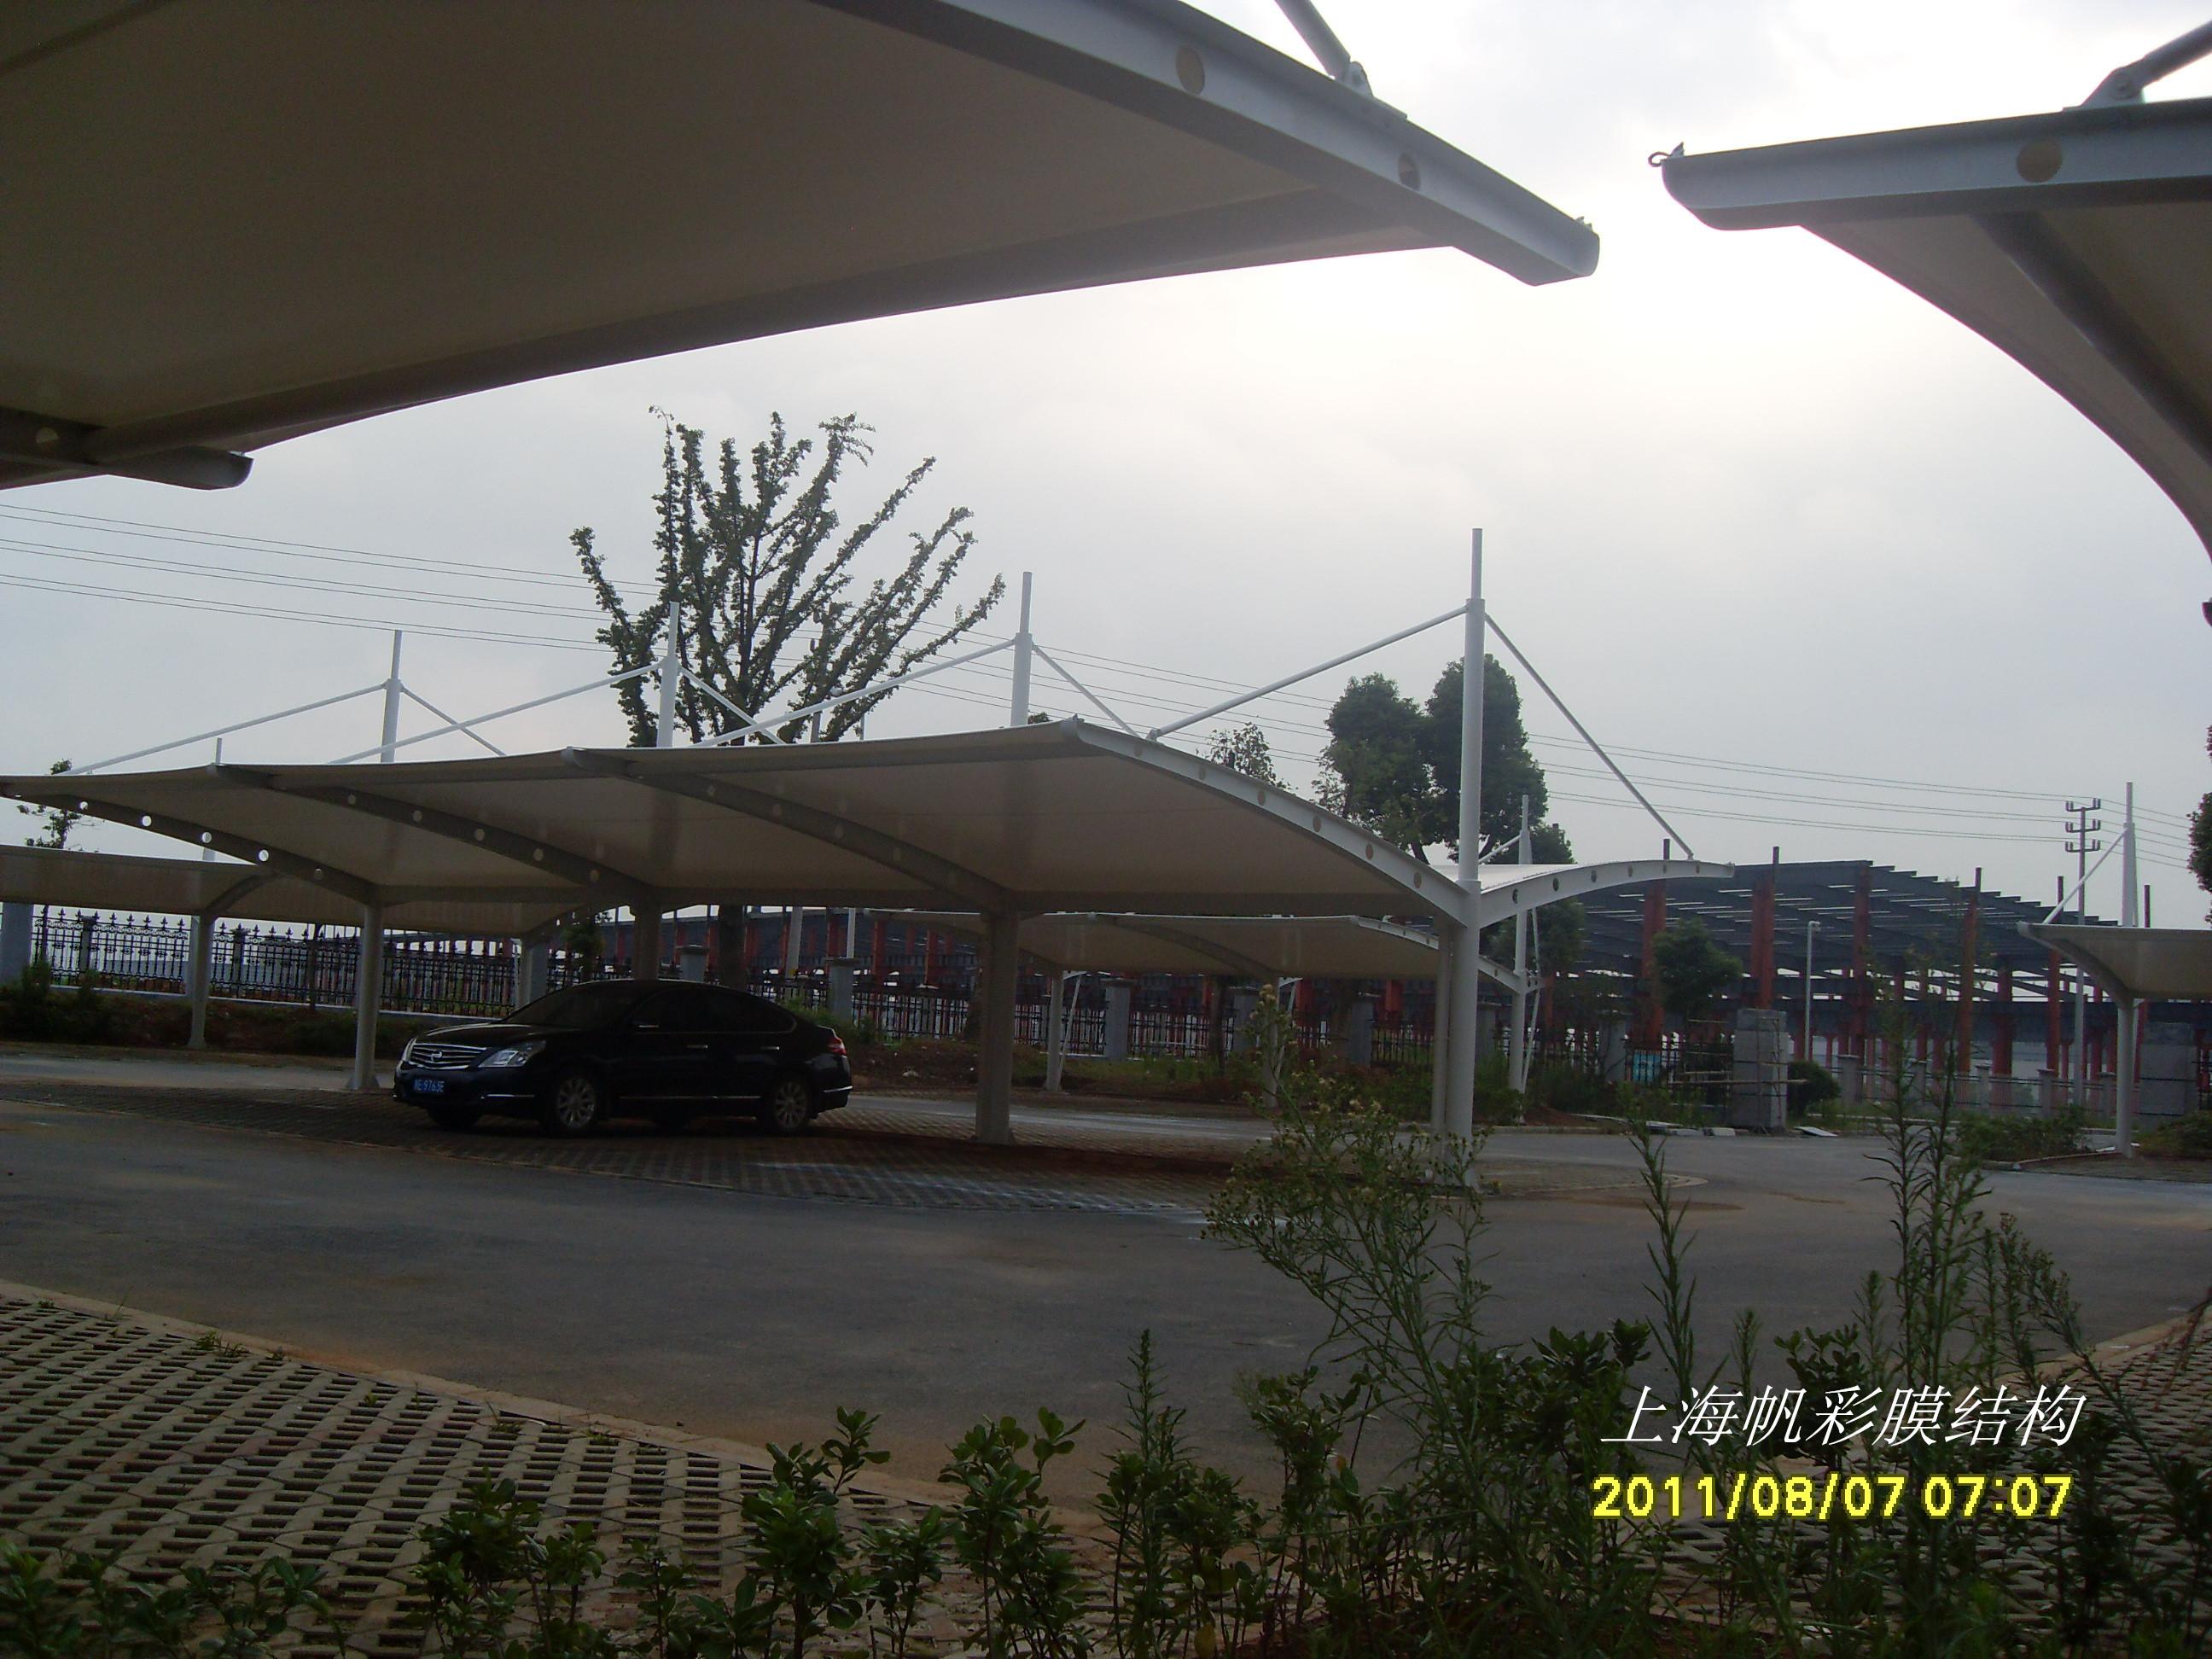 浙江湖州杨家埠.JPG